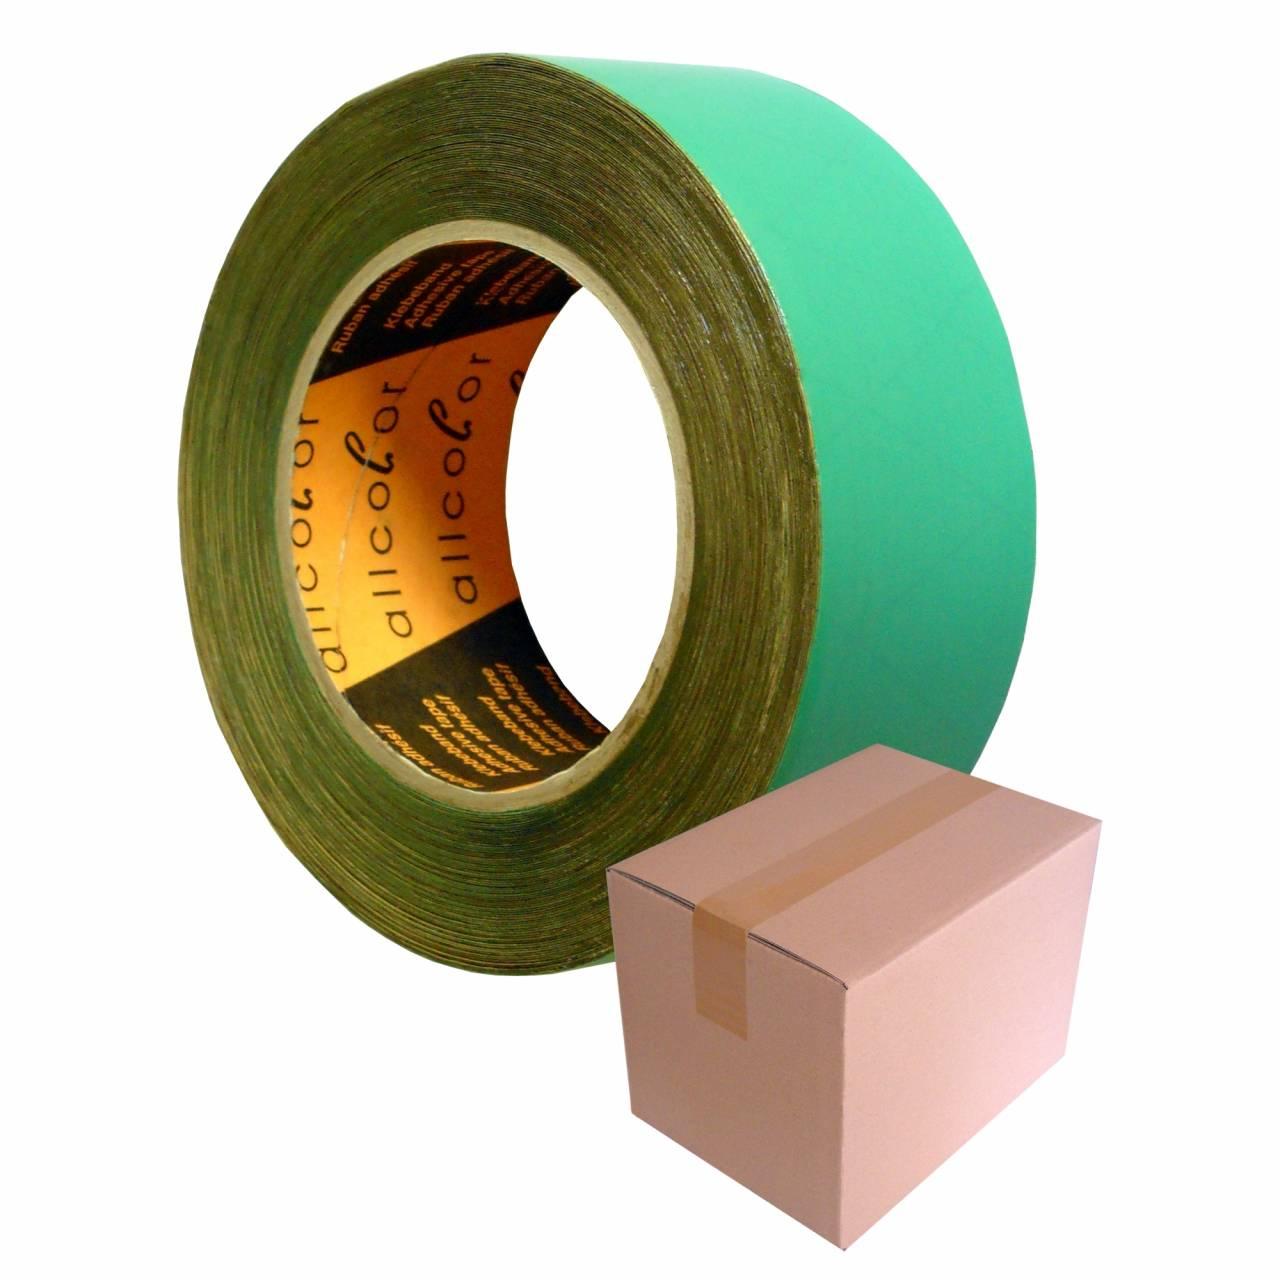 Folien-Nahtband T657, grün, 50 mm x 25 m / Krt a 36 Rollen